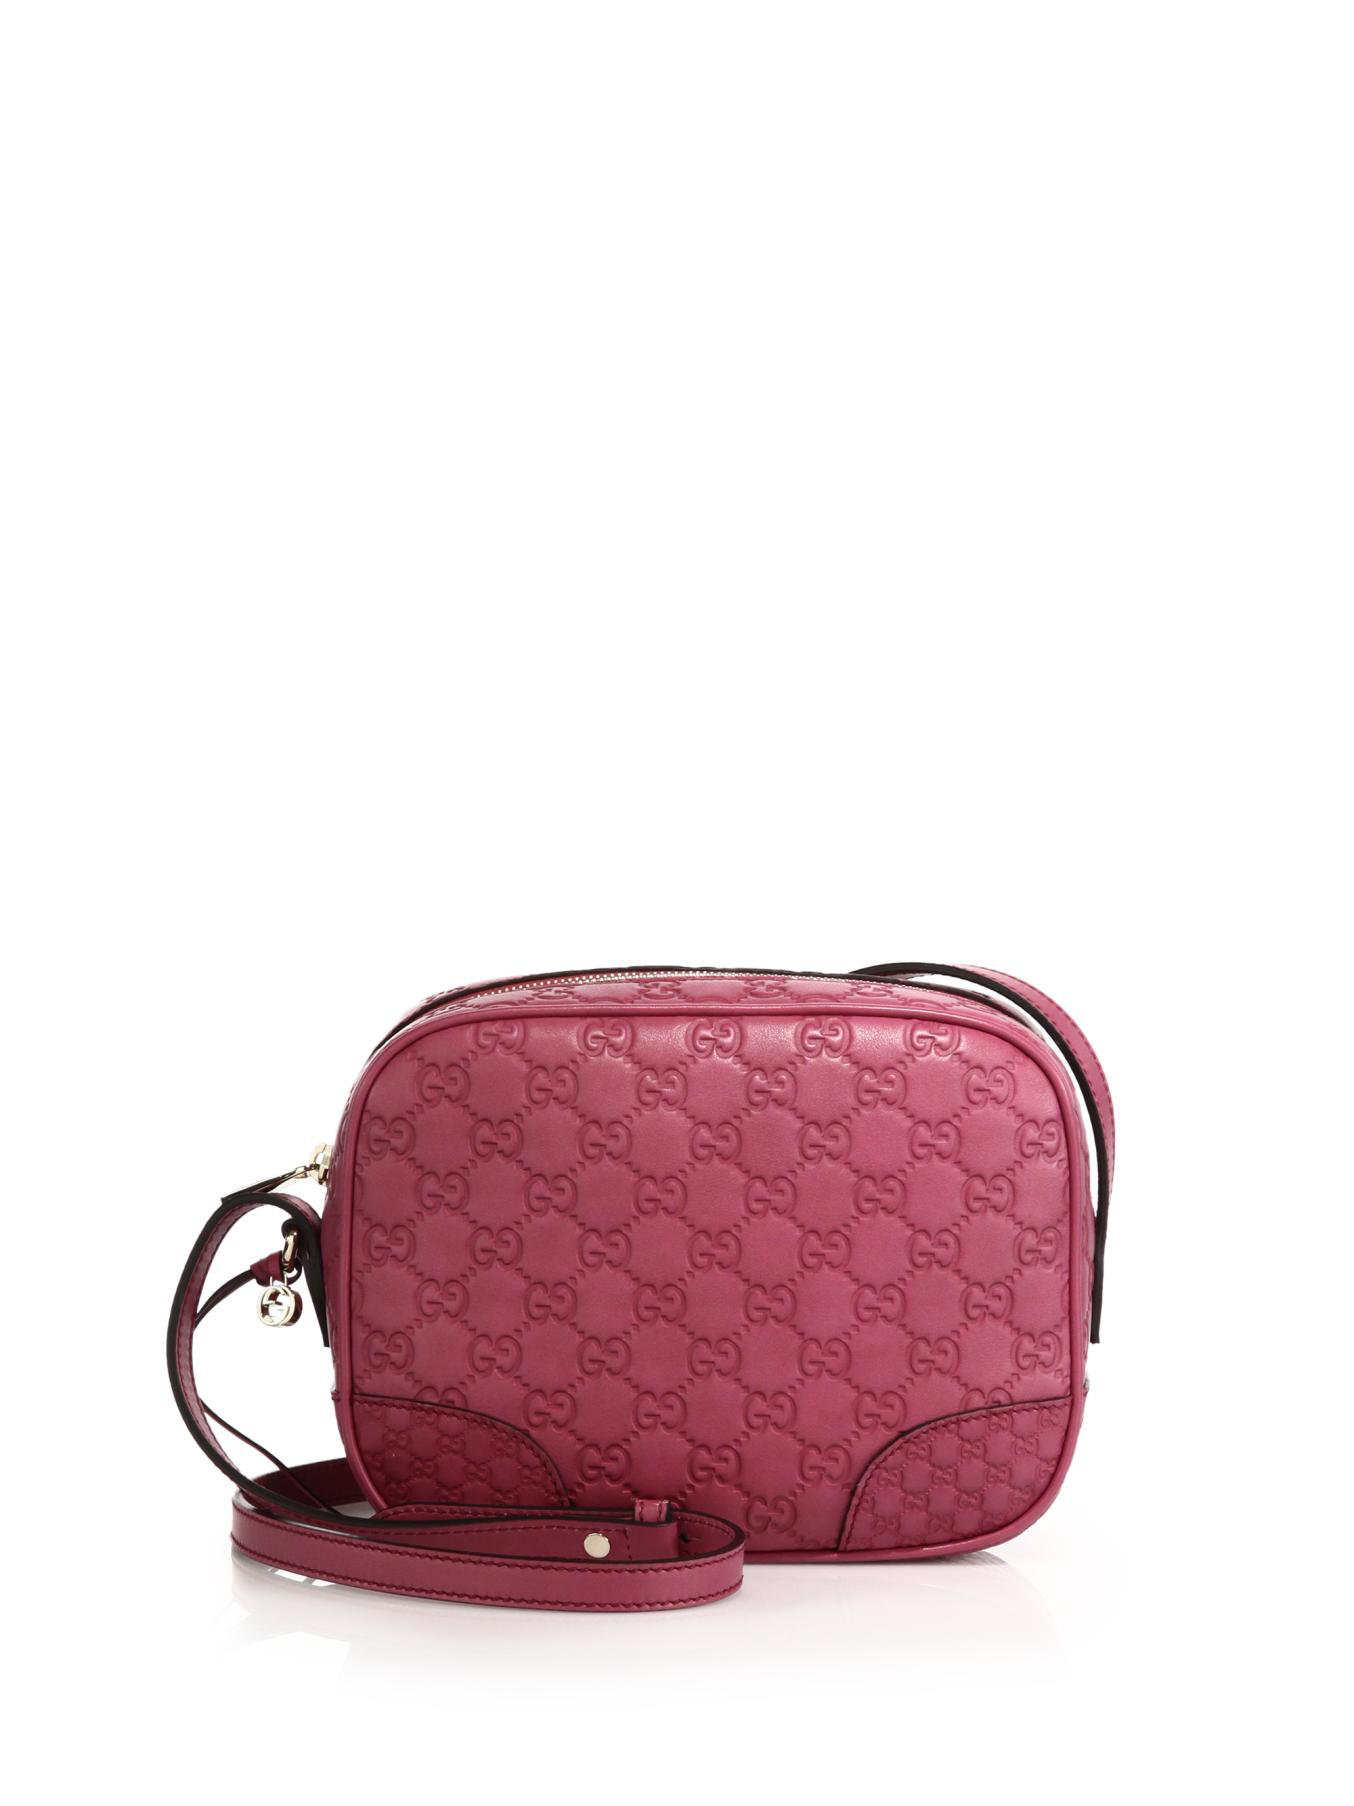 2f3a216012a Lyst - Gucci Bree Ssima Mini Leather Disco Bag in Pink